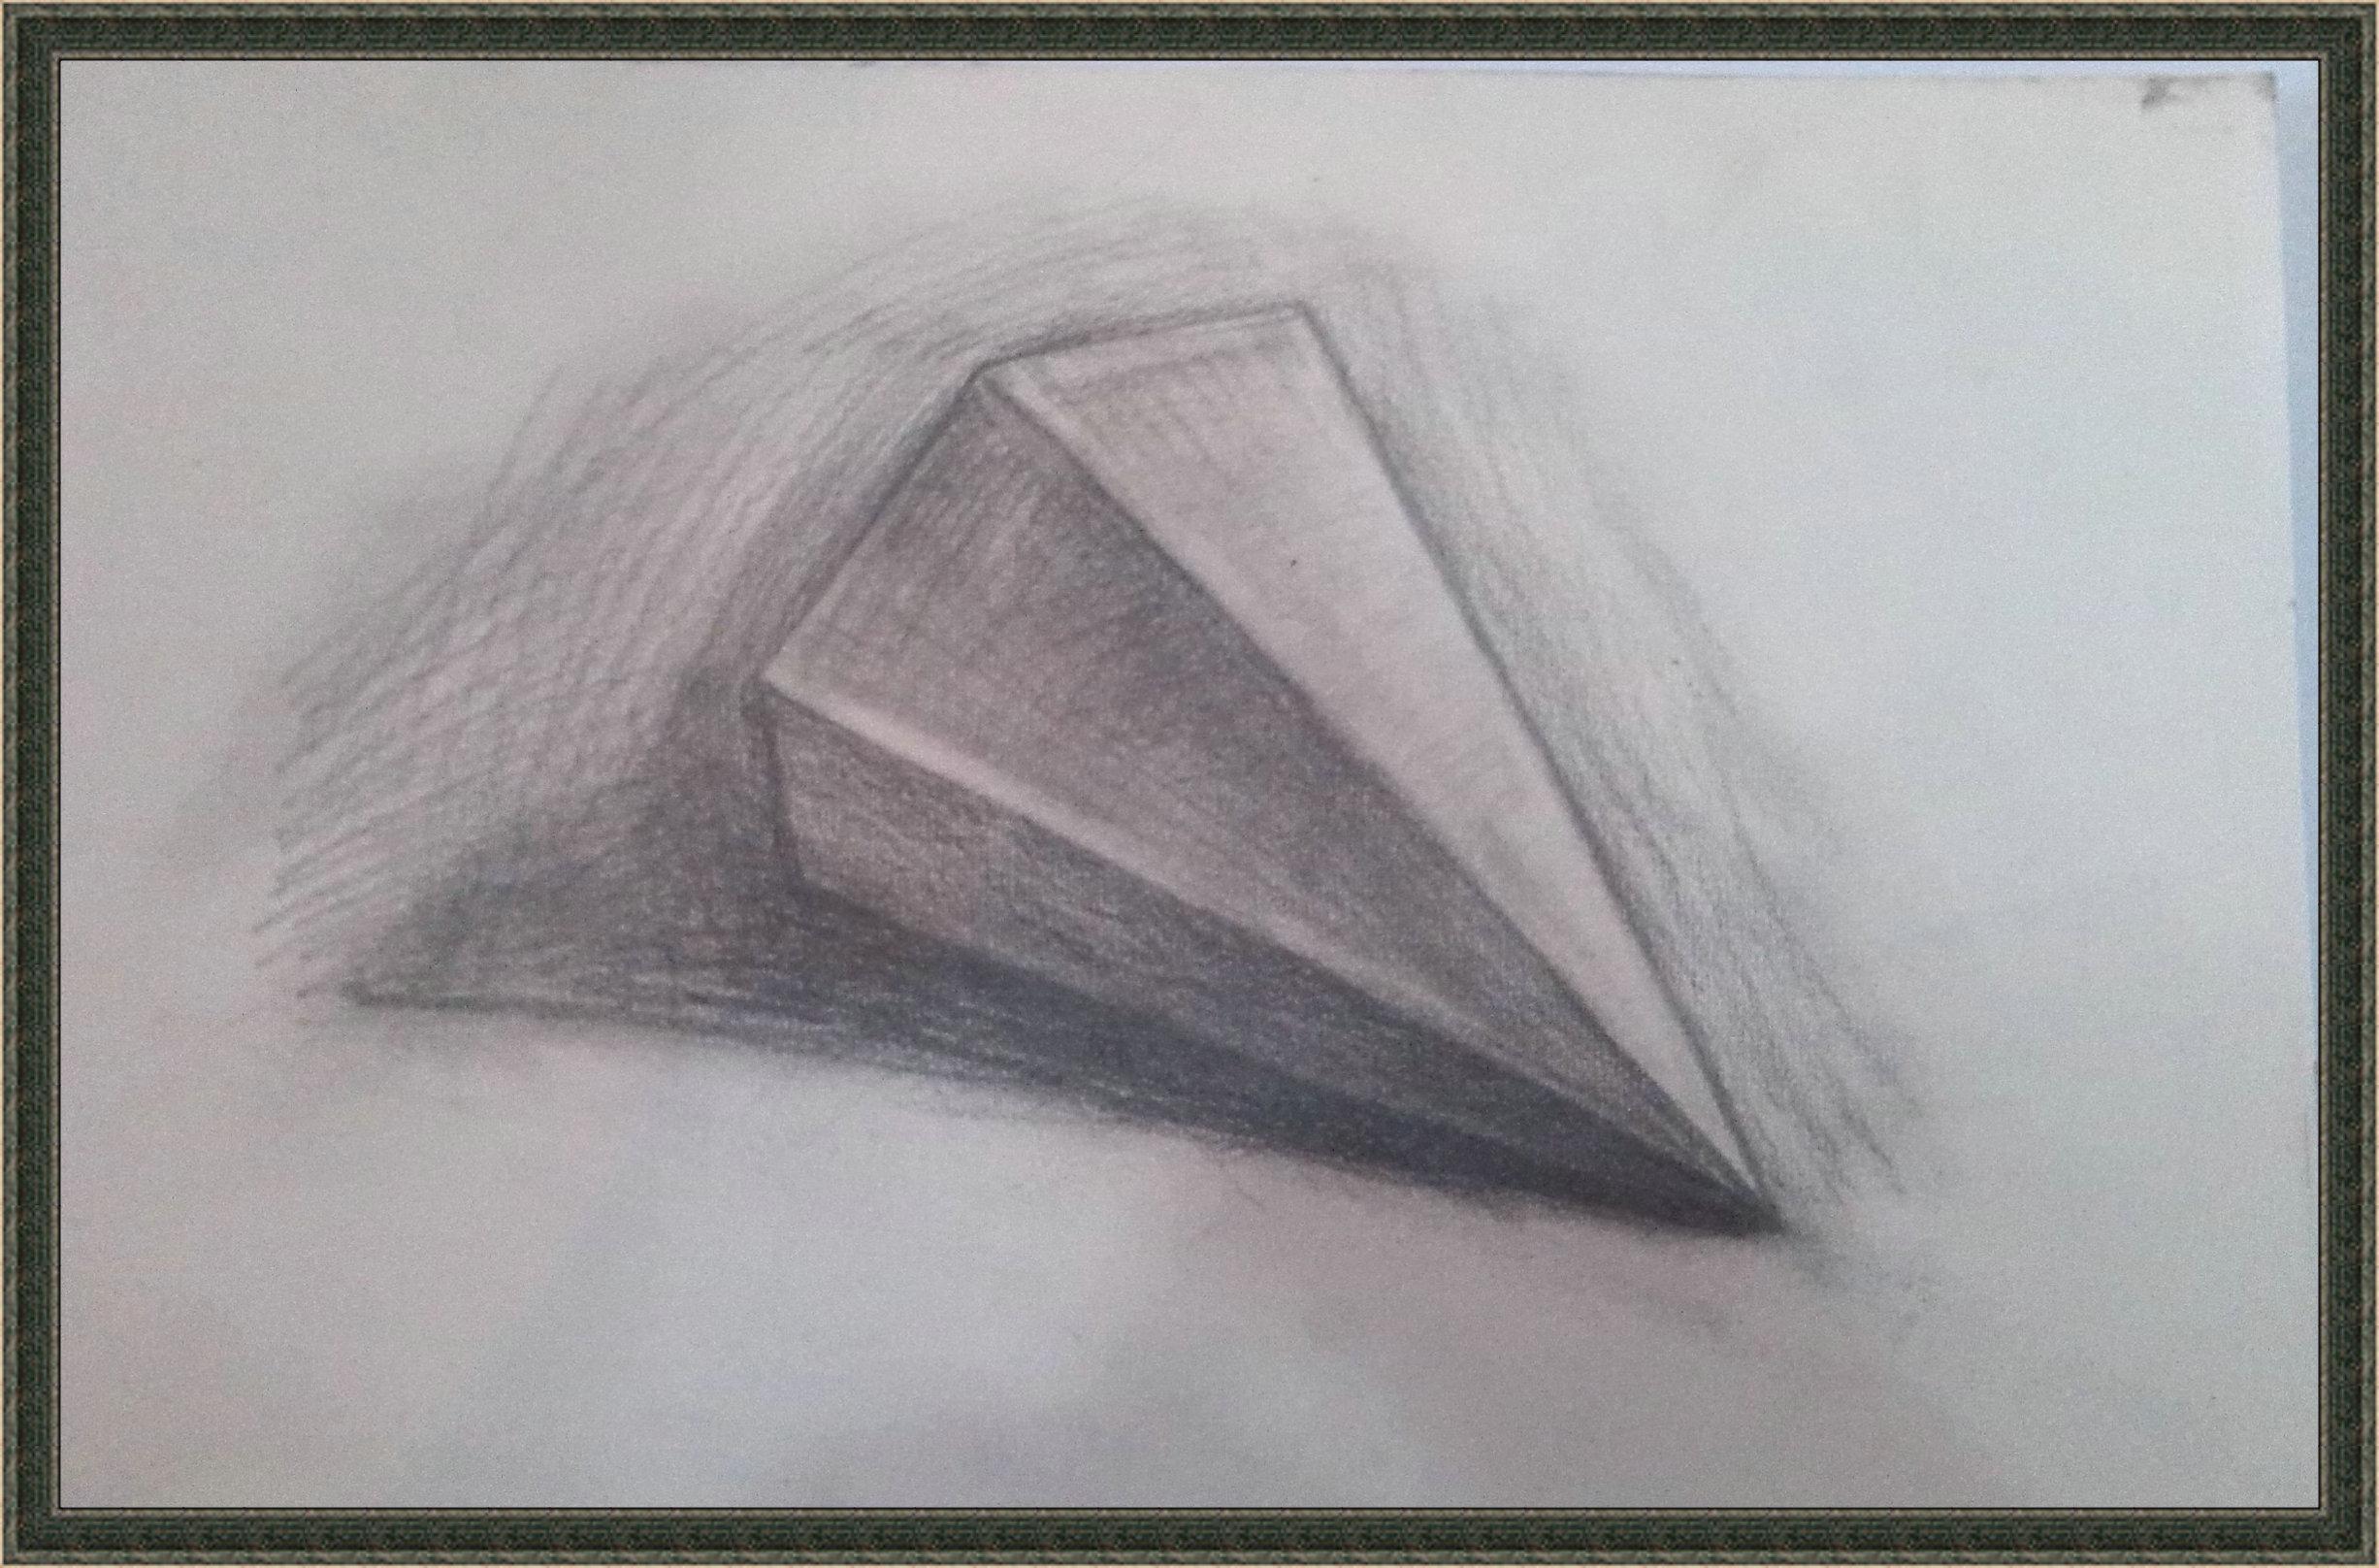 素描圆锥体图片含步骤图